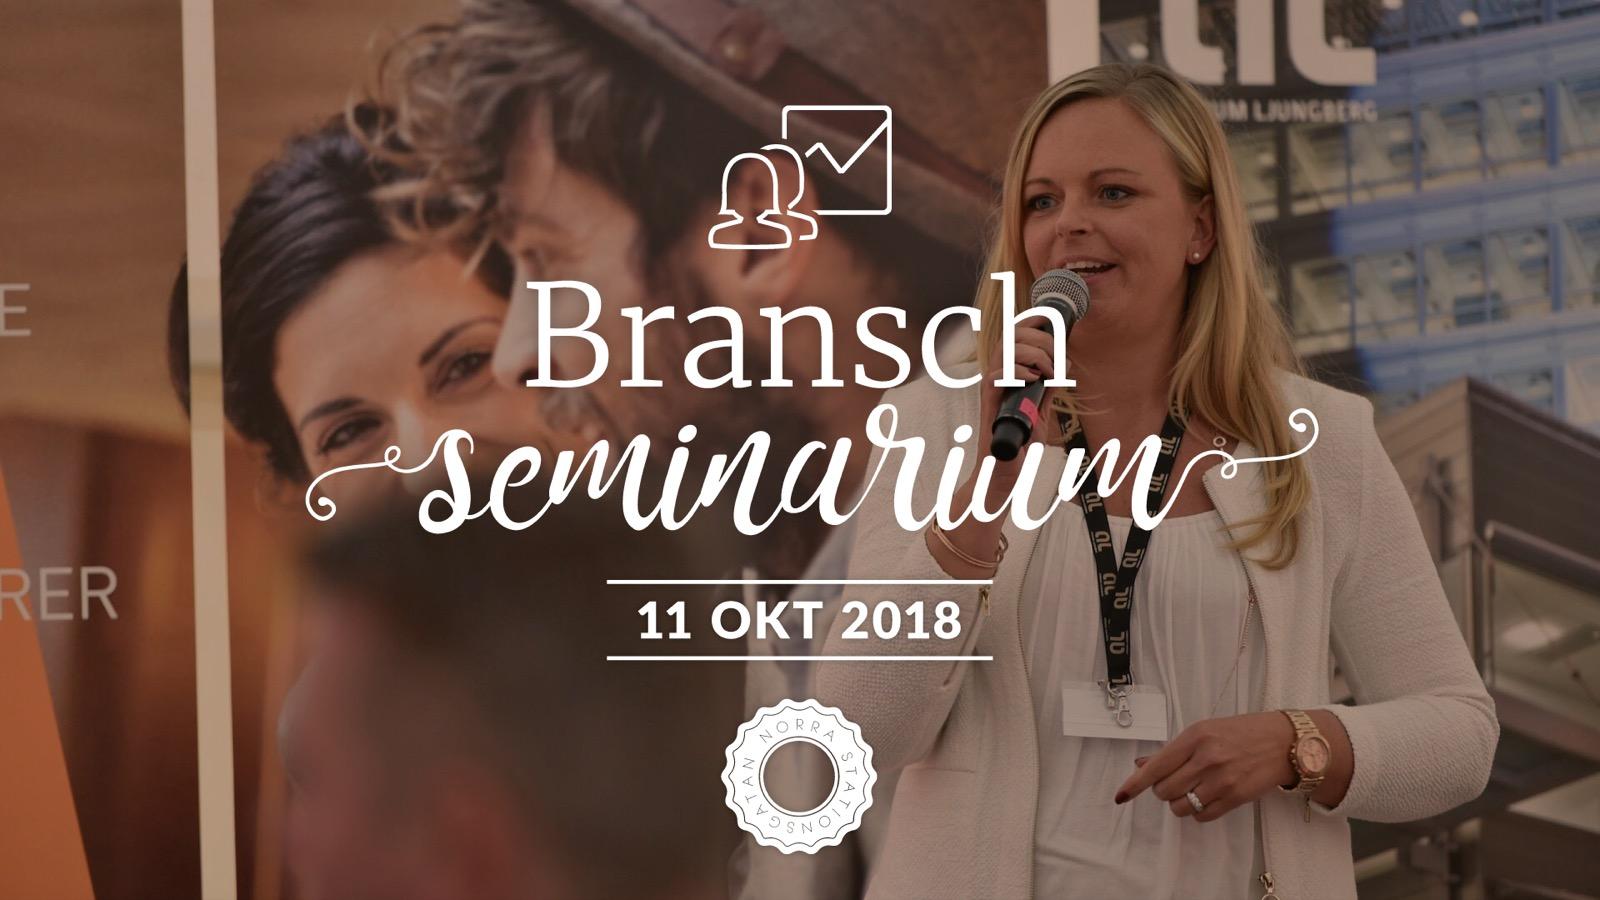 Branschseminarium-Okt-2018-1920x1080px-1.jpg